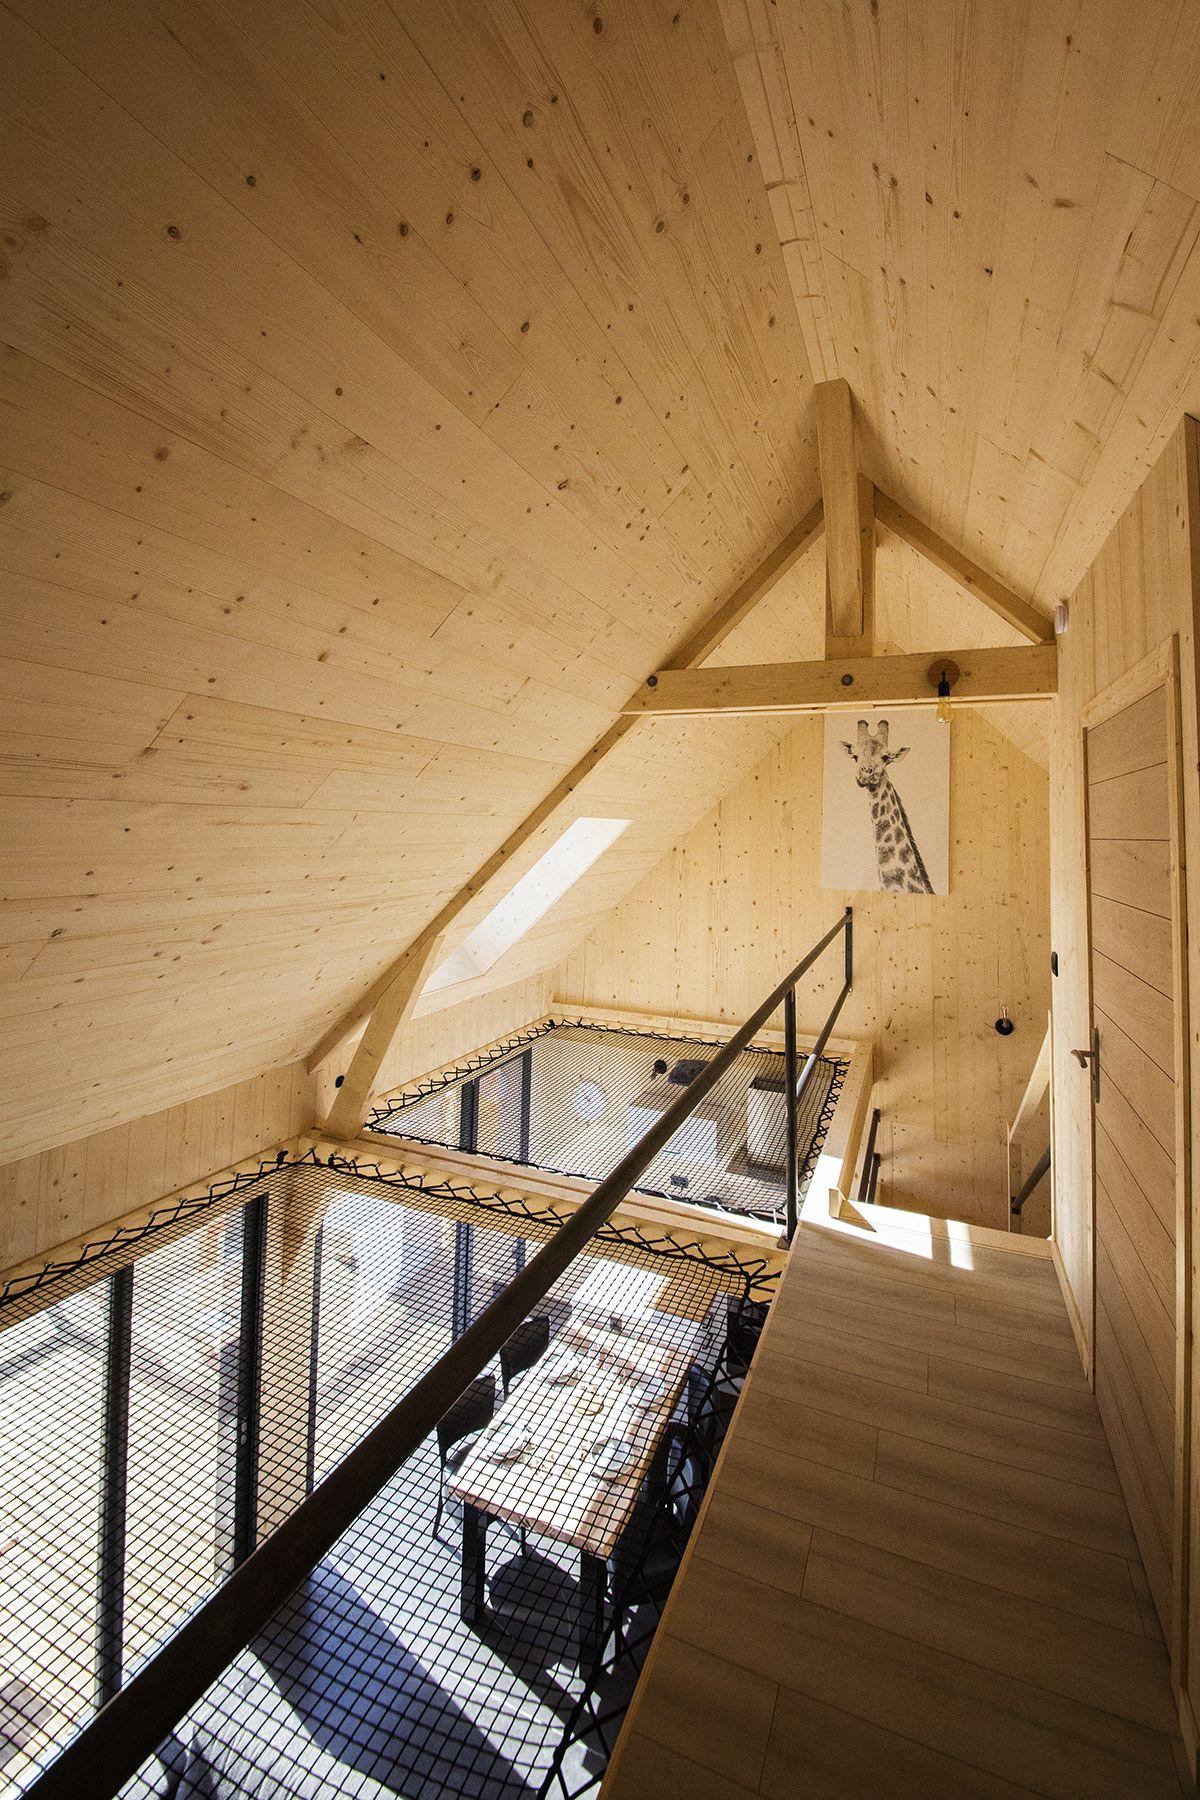 Une Maison En Bois Pleine De Ressources Filet D Habitation Maison Triangulaire Maison Bois